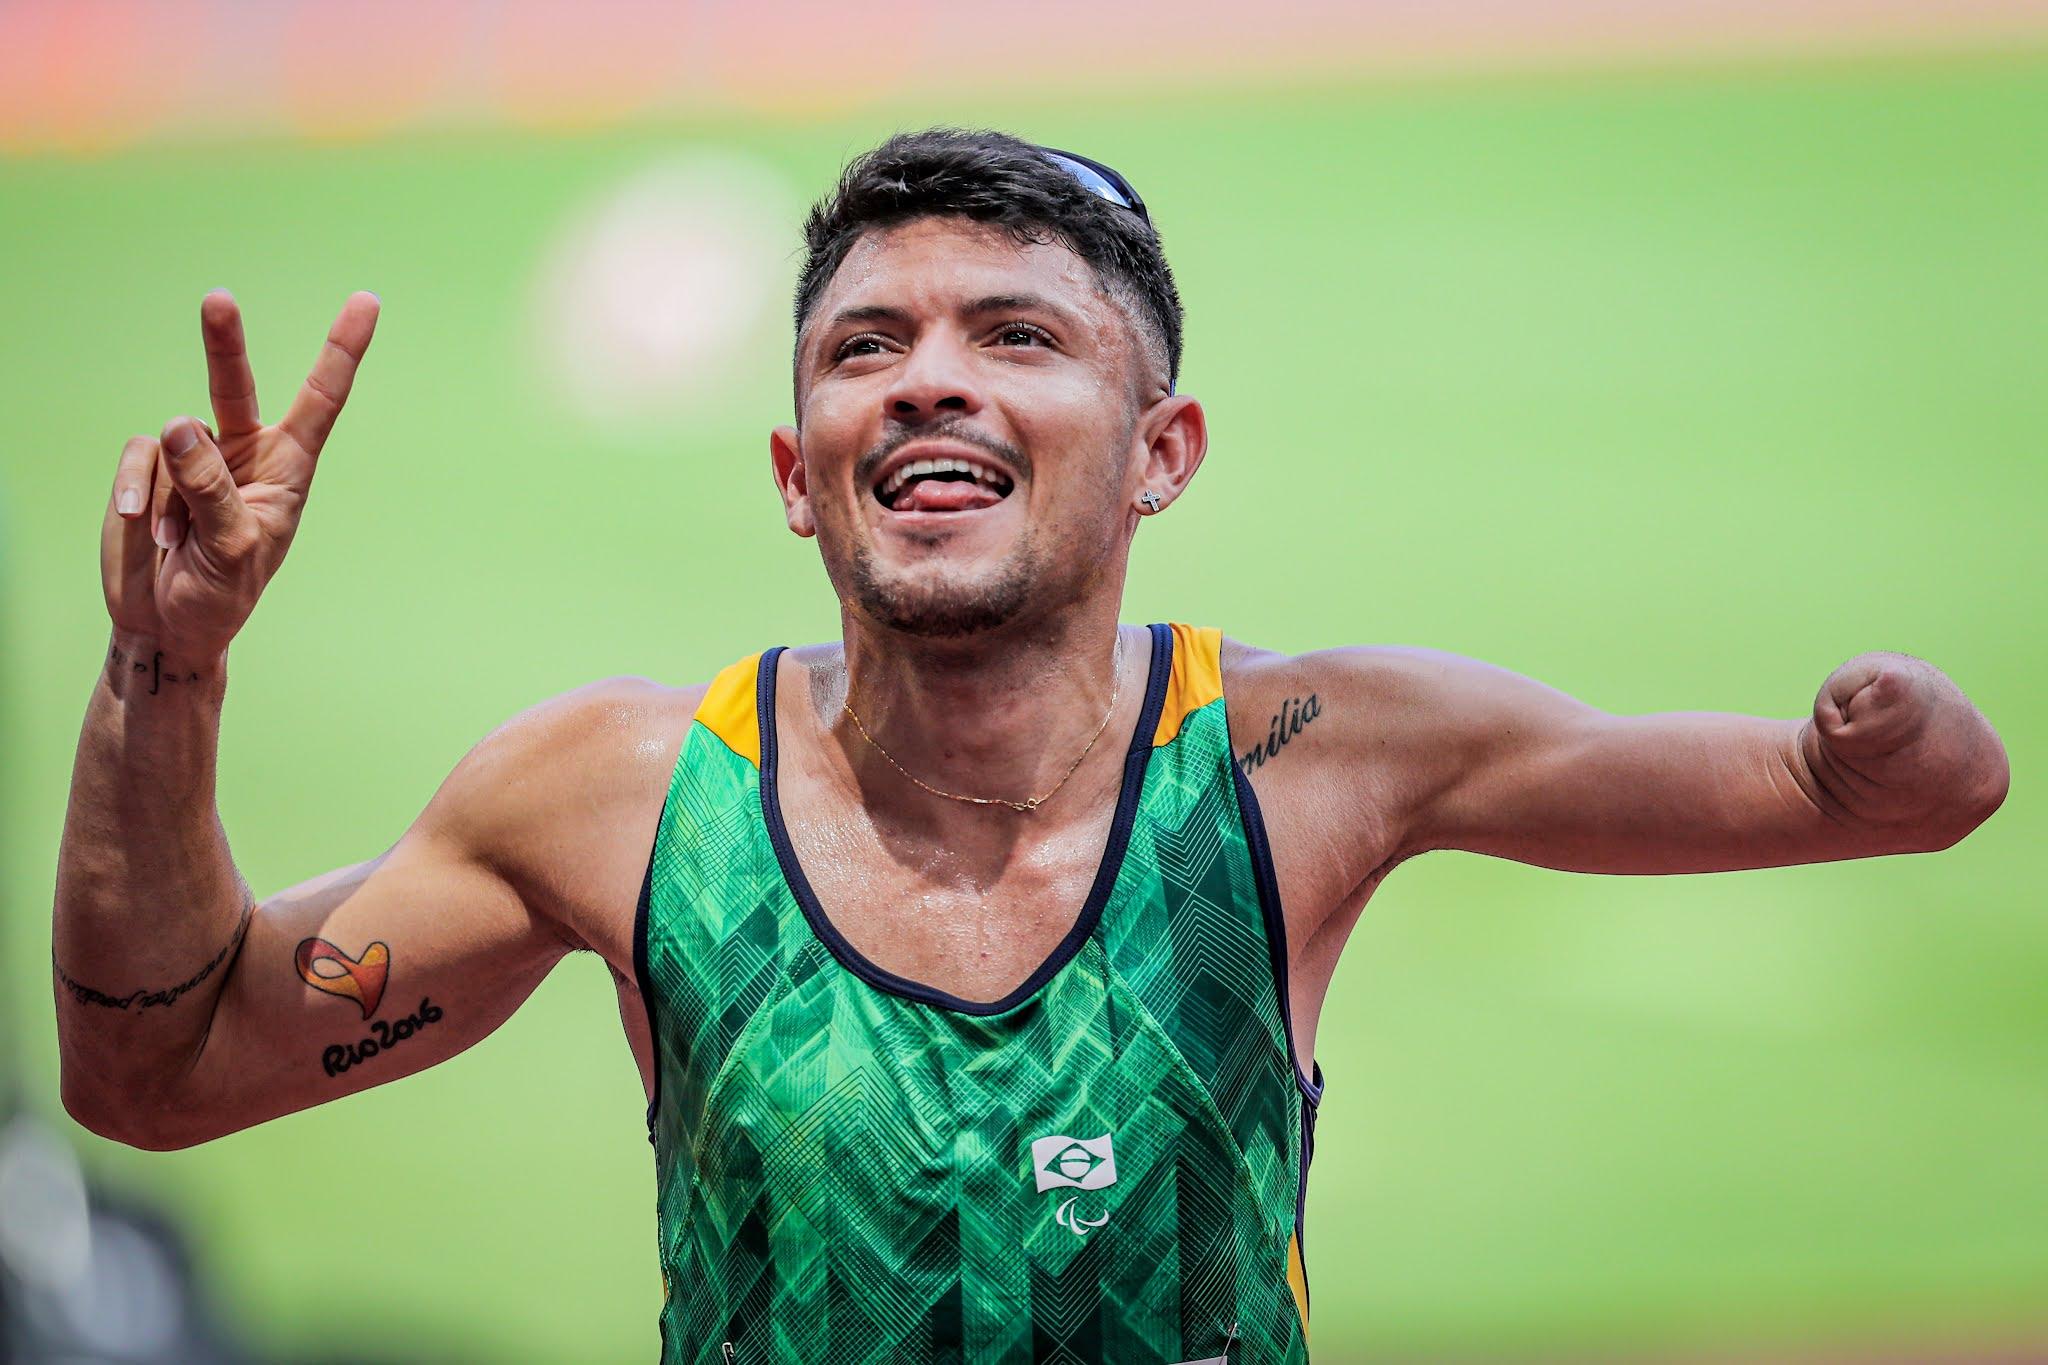 Petrúcio Ferreira, de uniforme verde, sorri e mostra a tatuagem no muque esquerdo